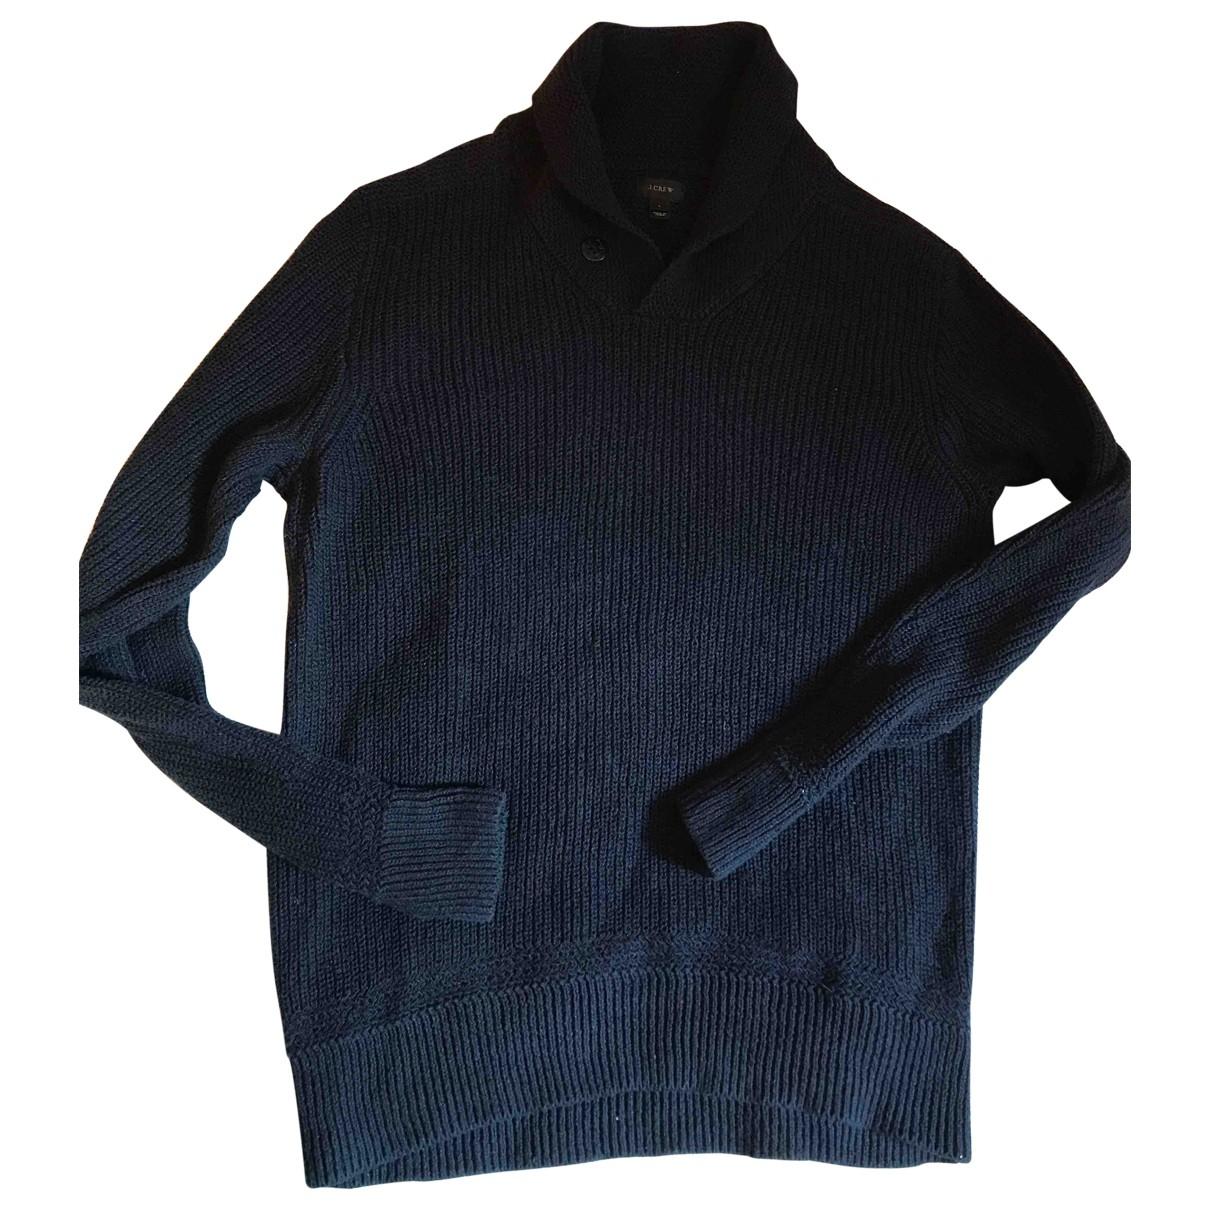 J.crew \N Navy Linen Knitwear & Sweatshirts for Men L International